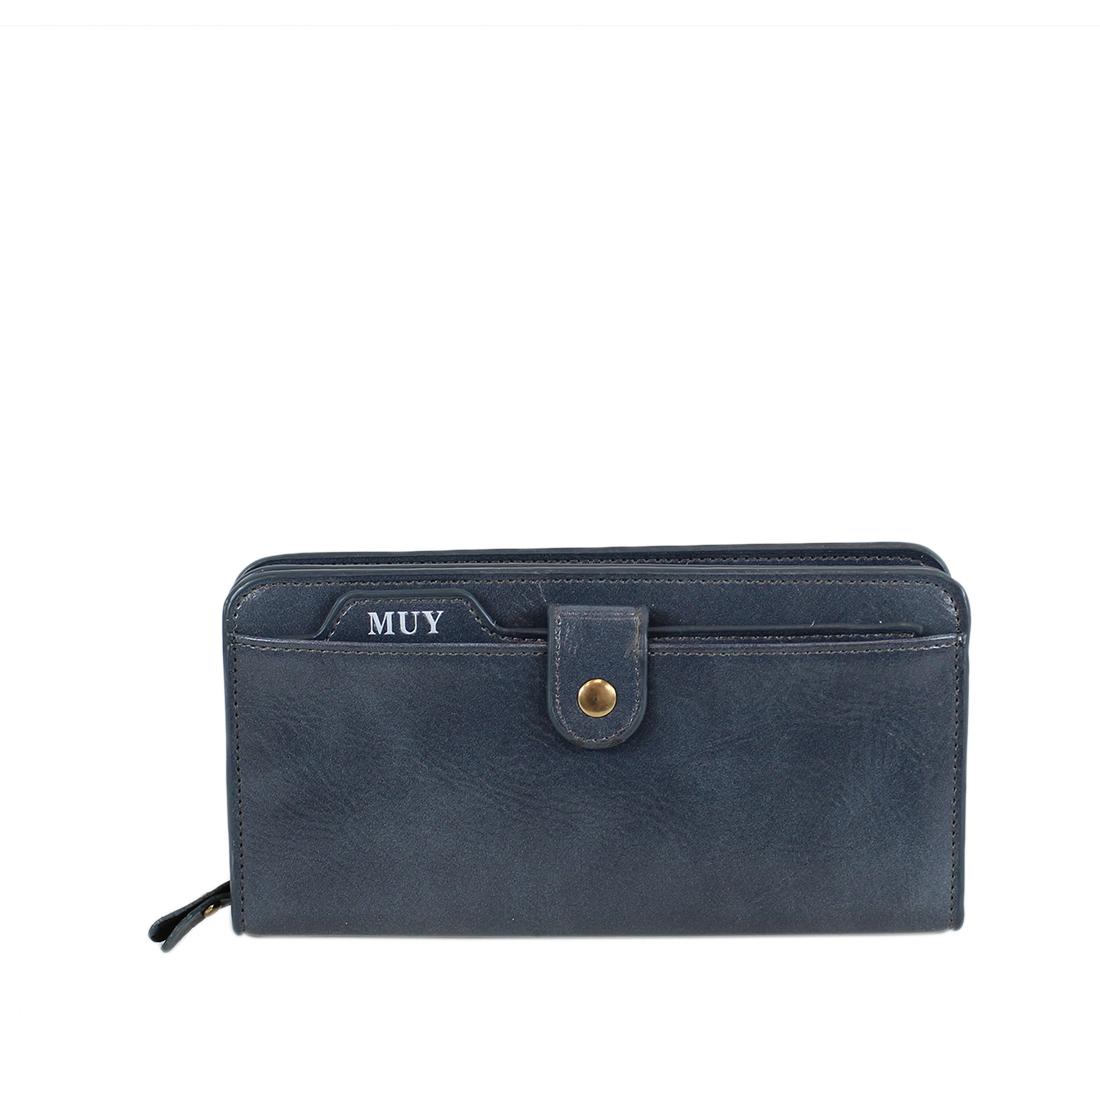 Large capacity shiny leather purse